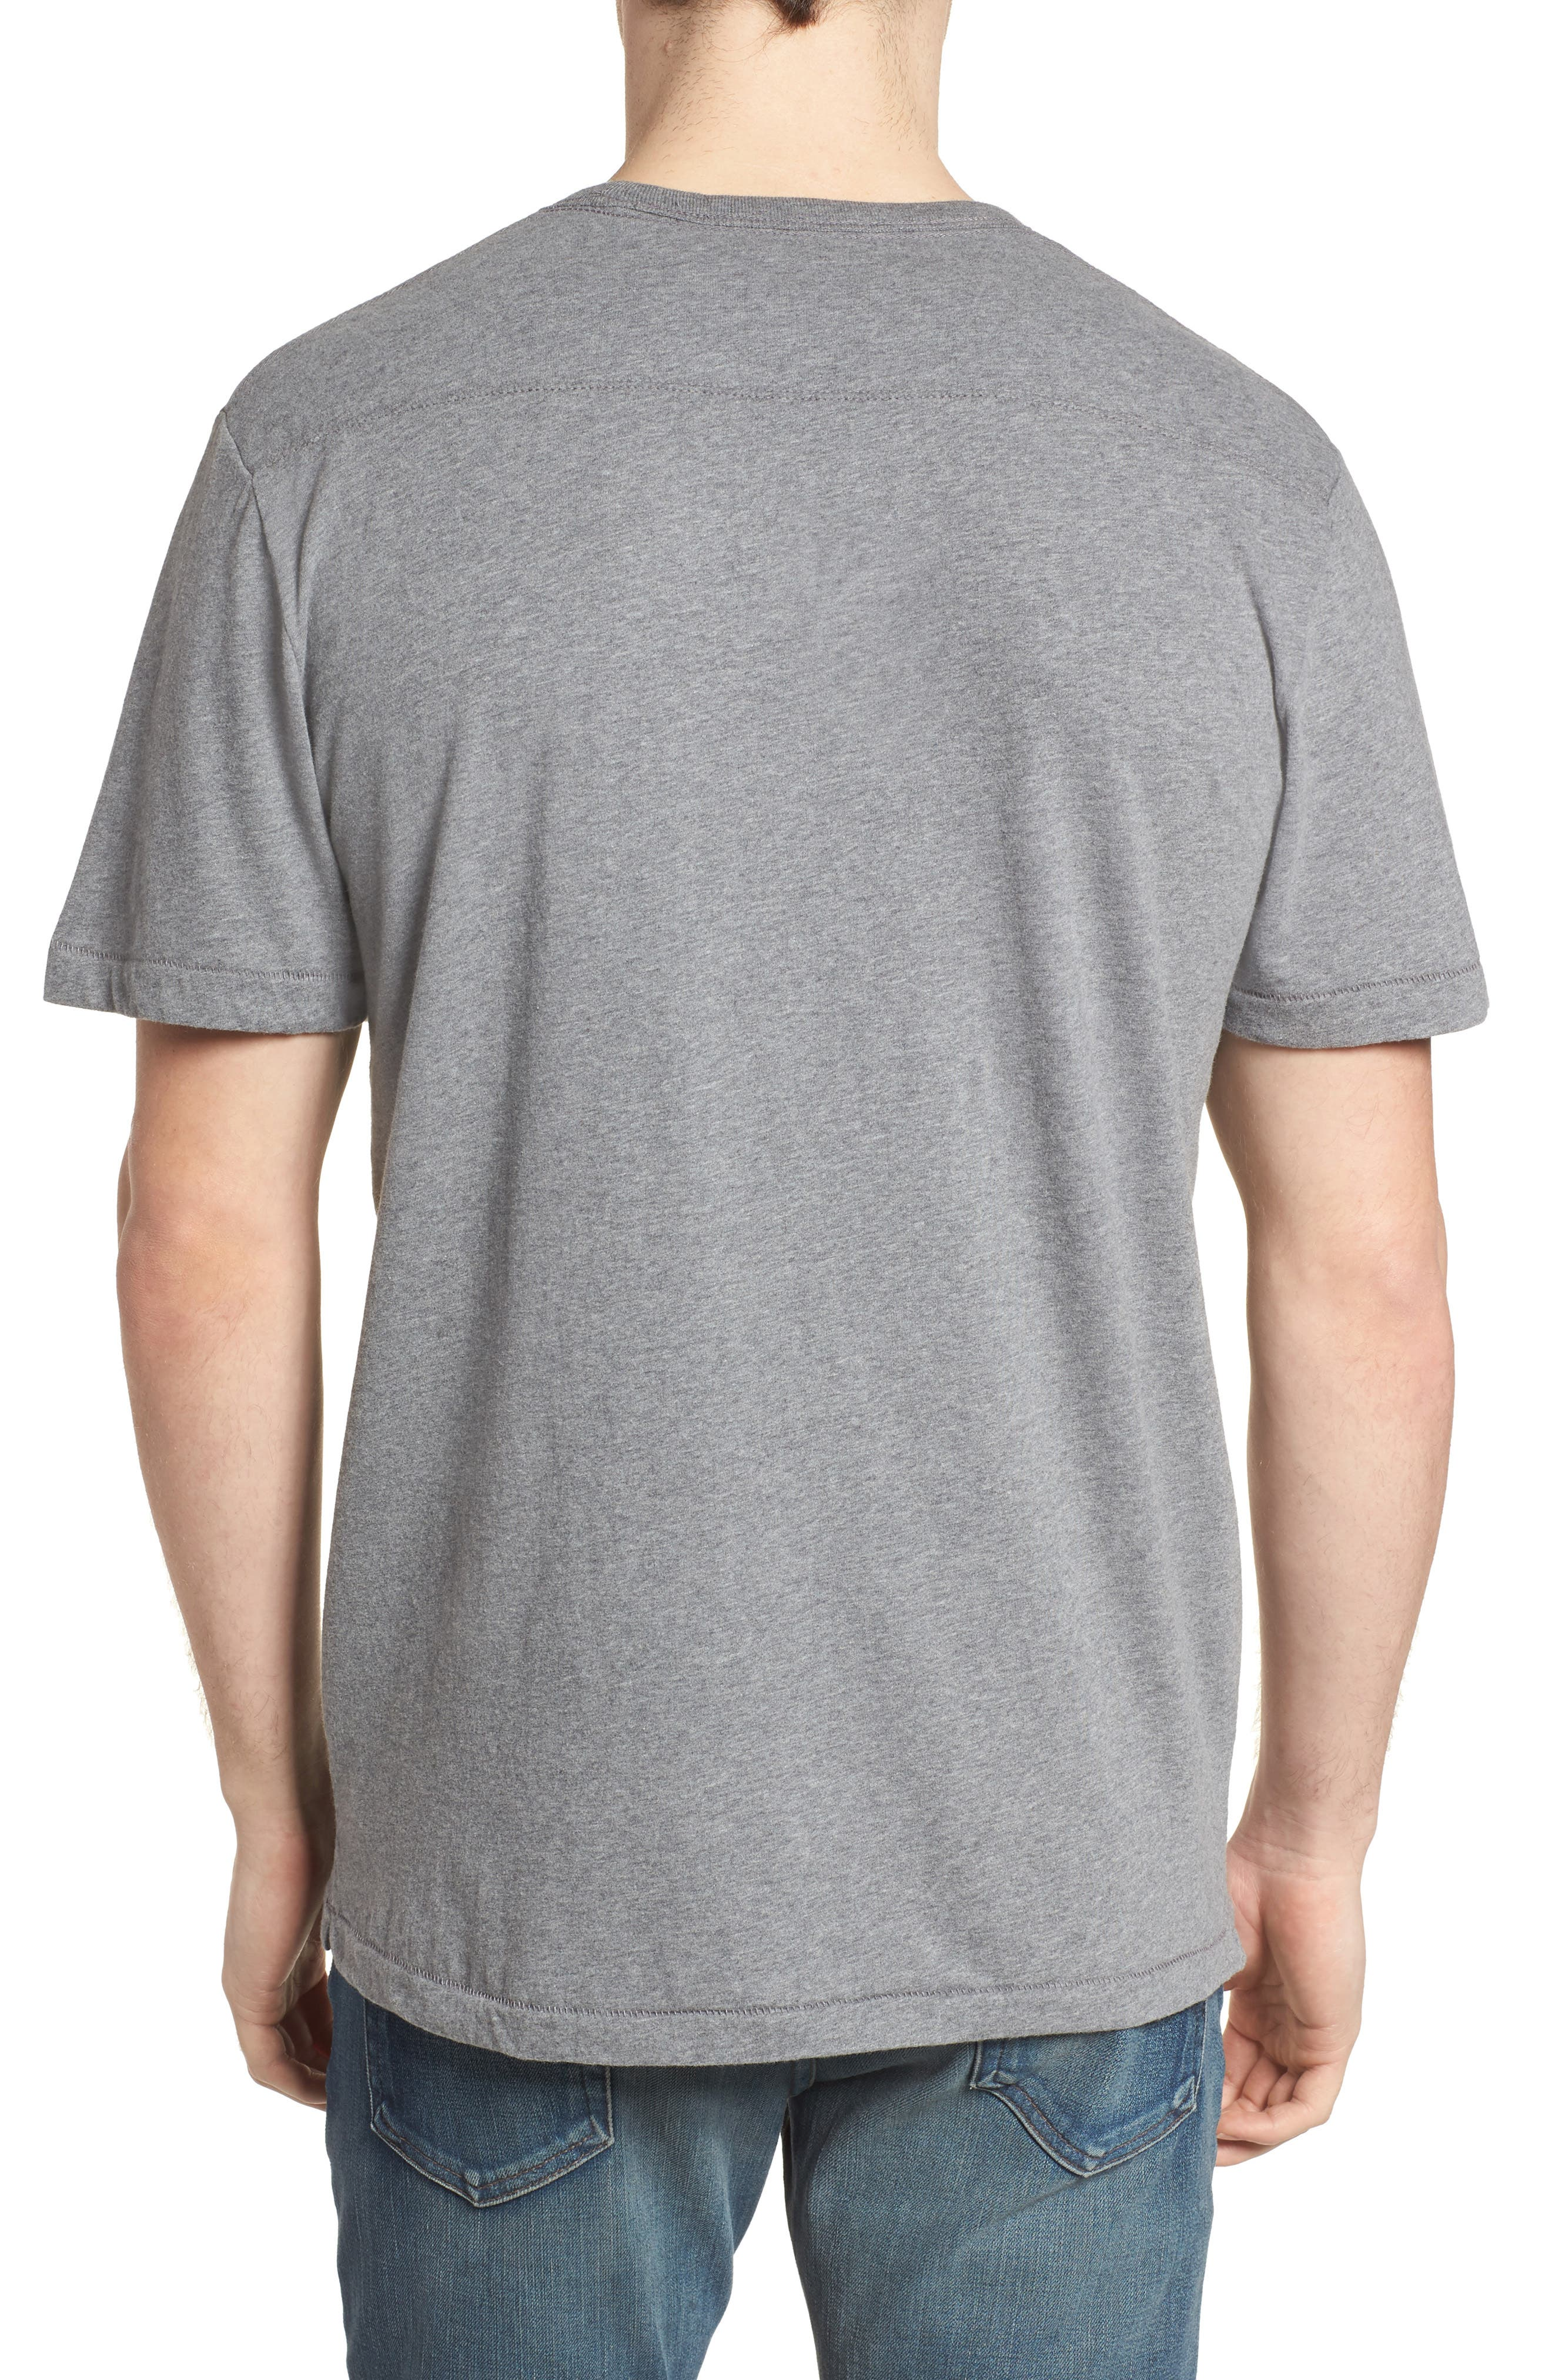 Solidarity Slim Fit Crewneck T-Shirt,                             Alternate thumbnail 2, color,                             031